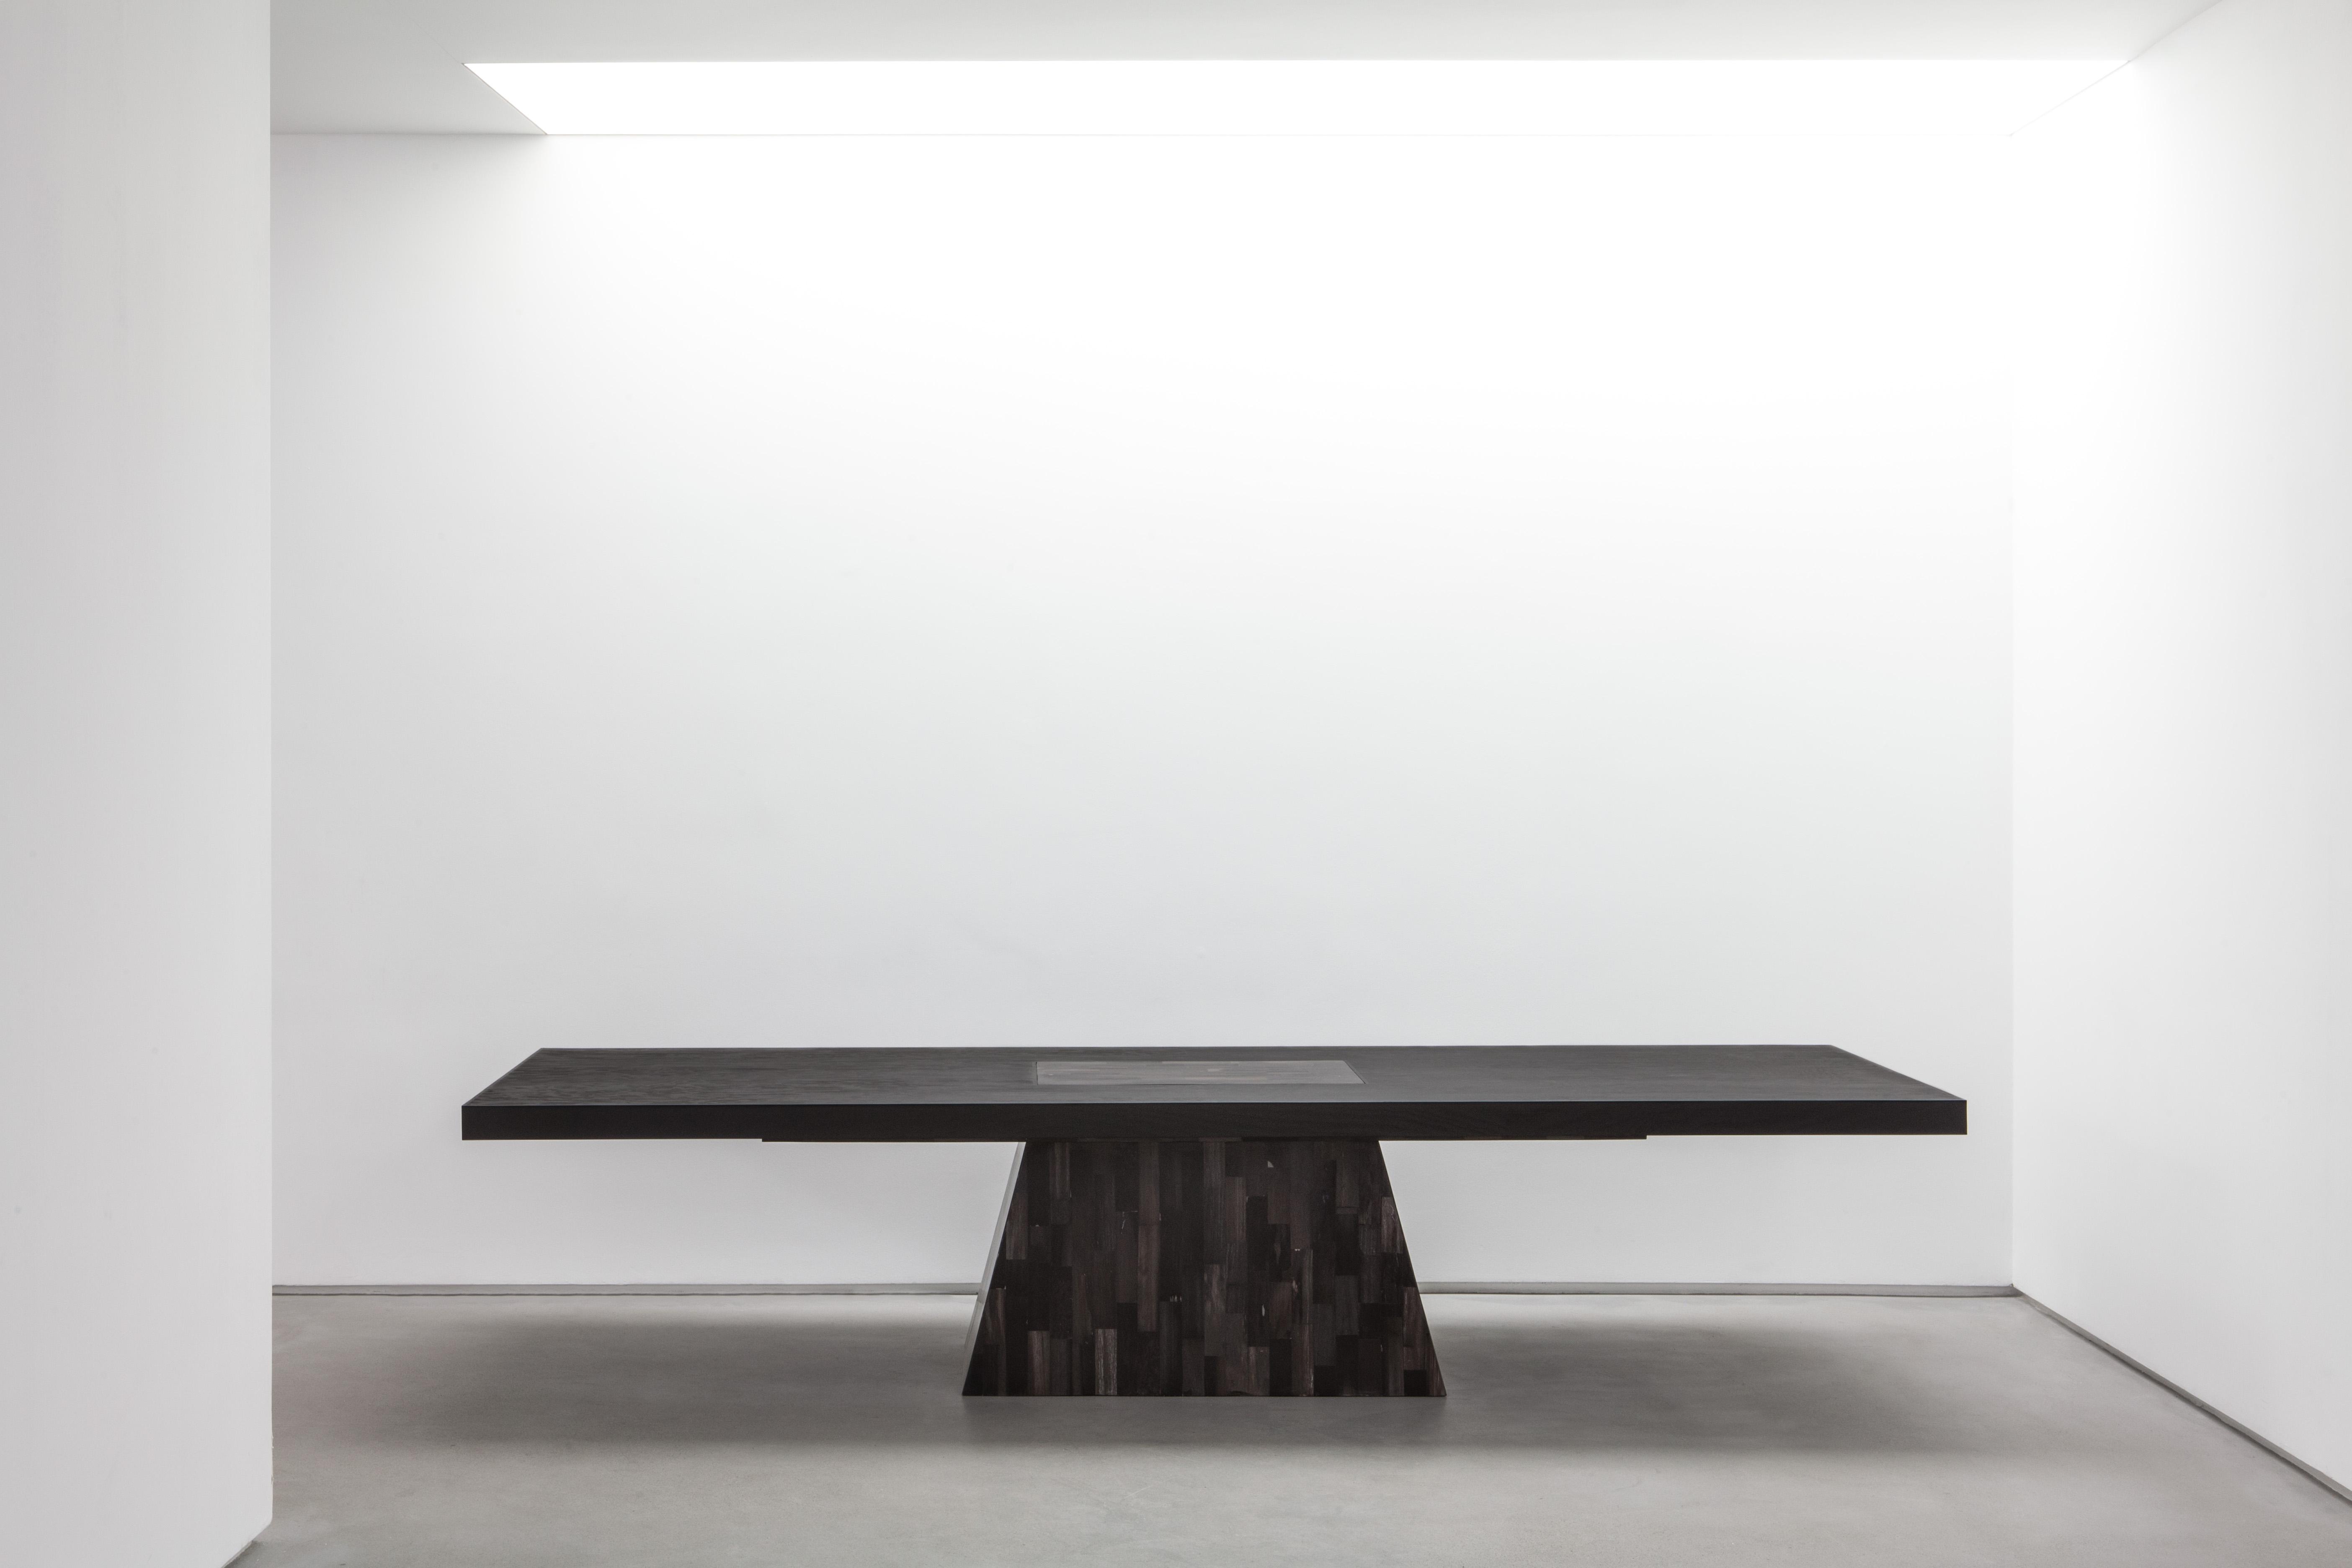 OWENS_Plug Table (Petrified Wood)_01